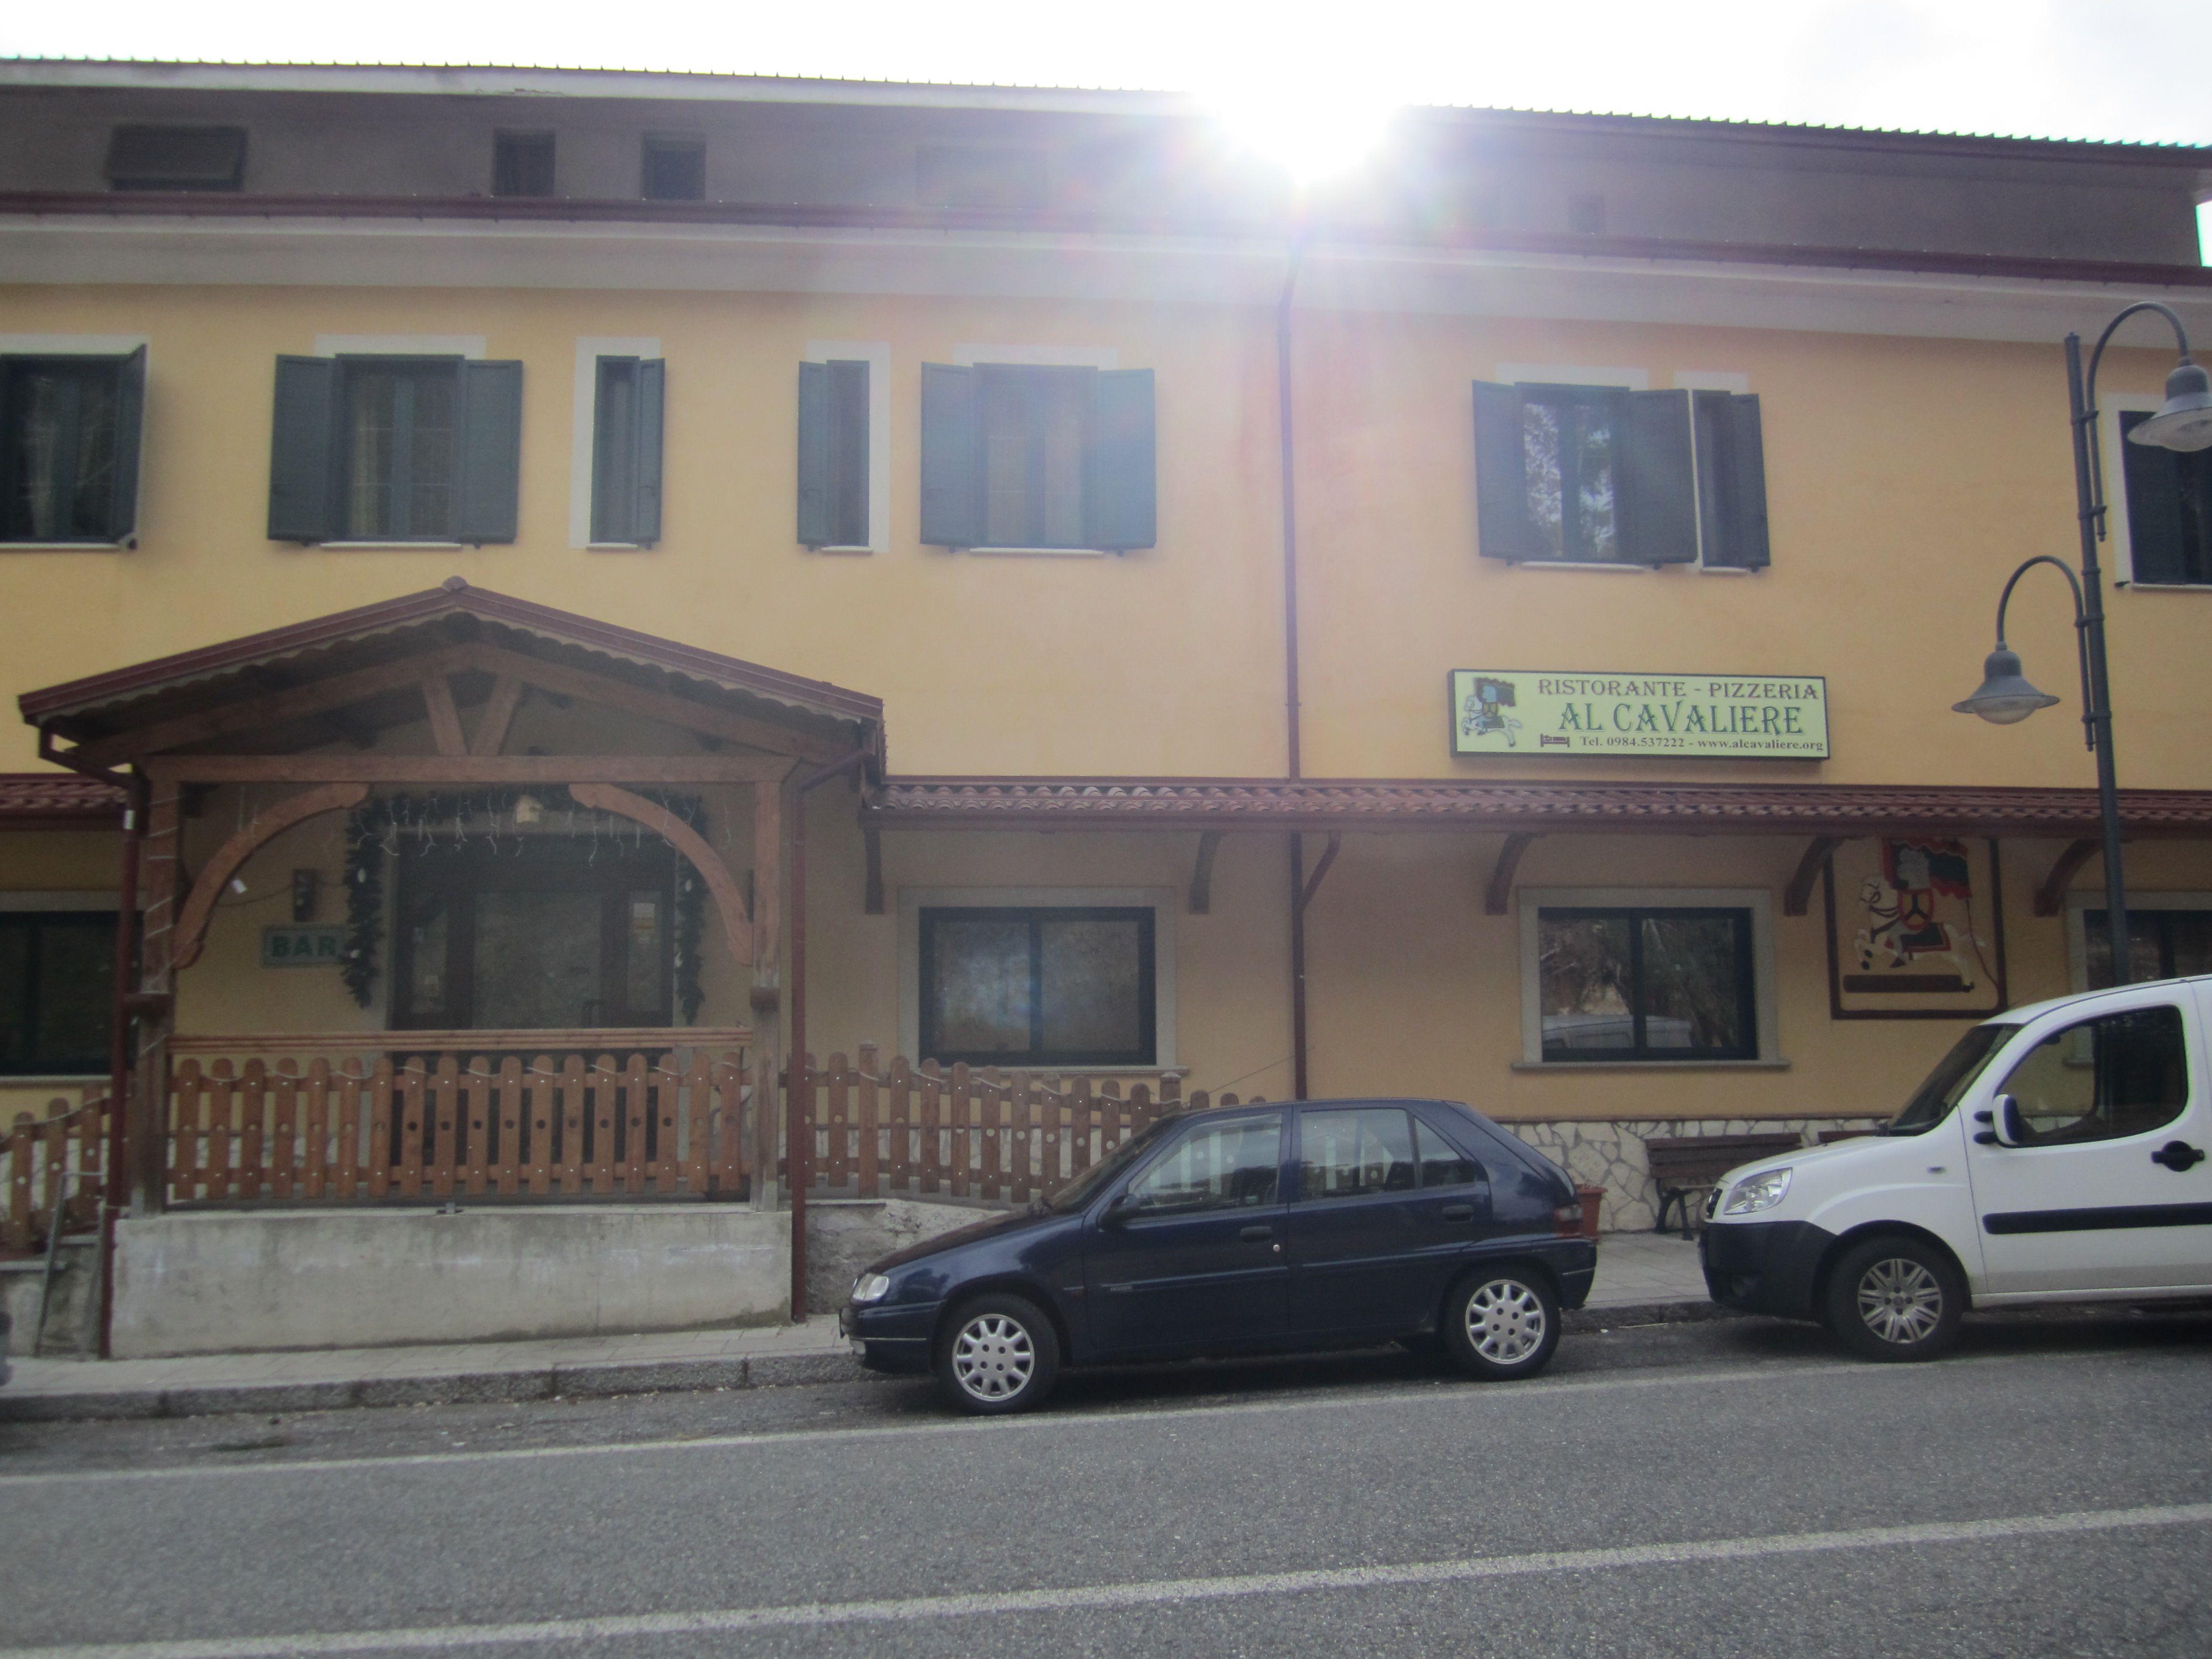 Hotel Ristorante Pizzeria Al Cavaliere